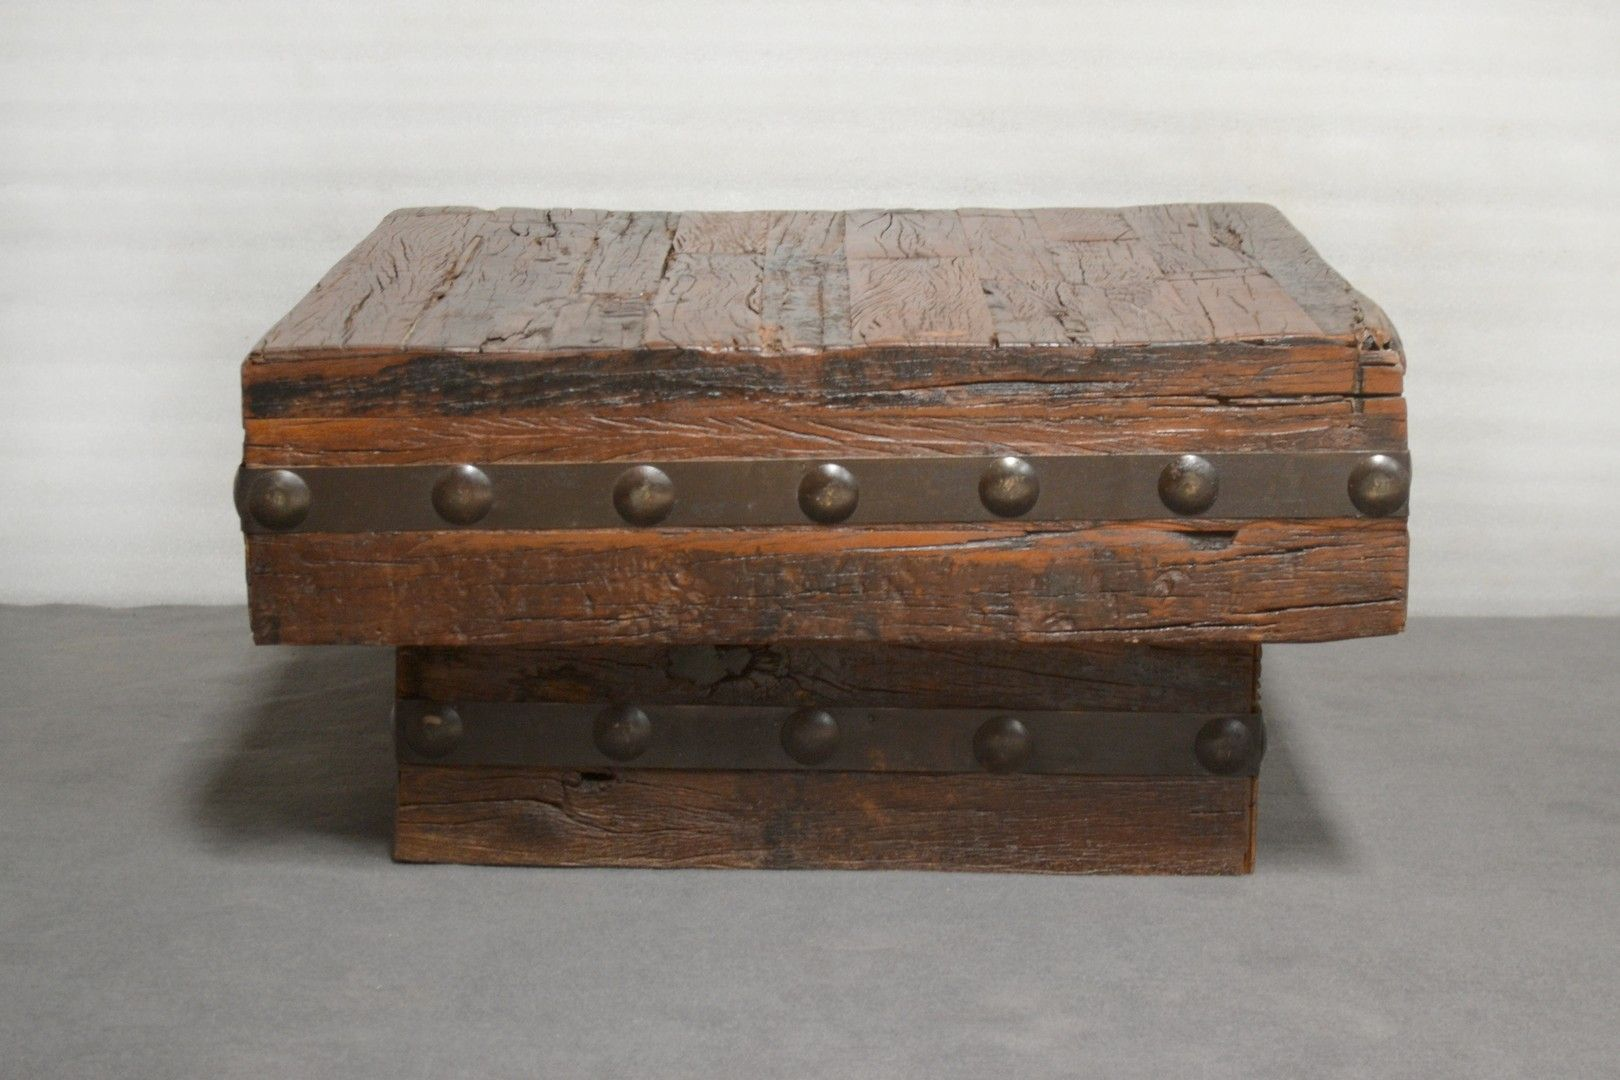 Rustic Coffee Table Sleeper Wood W Metal Studs 35w X 35d X 18h 387 00 Resajamesimport Decoratie [ 1080 x 1620 Pixel ]